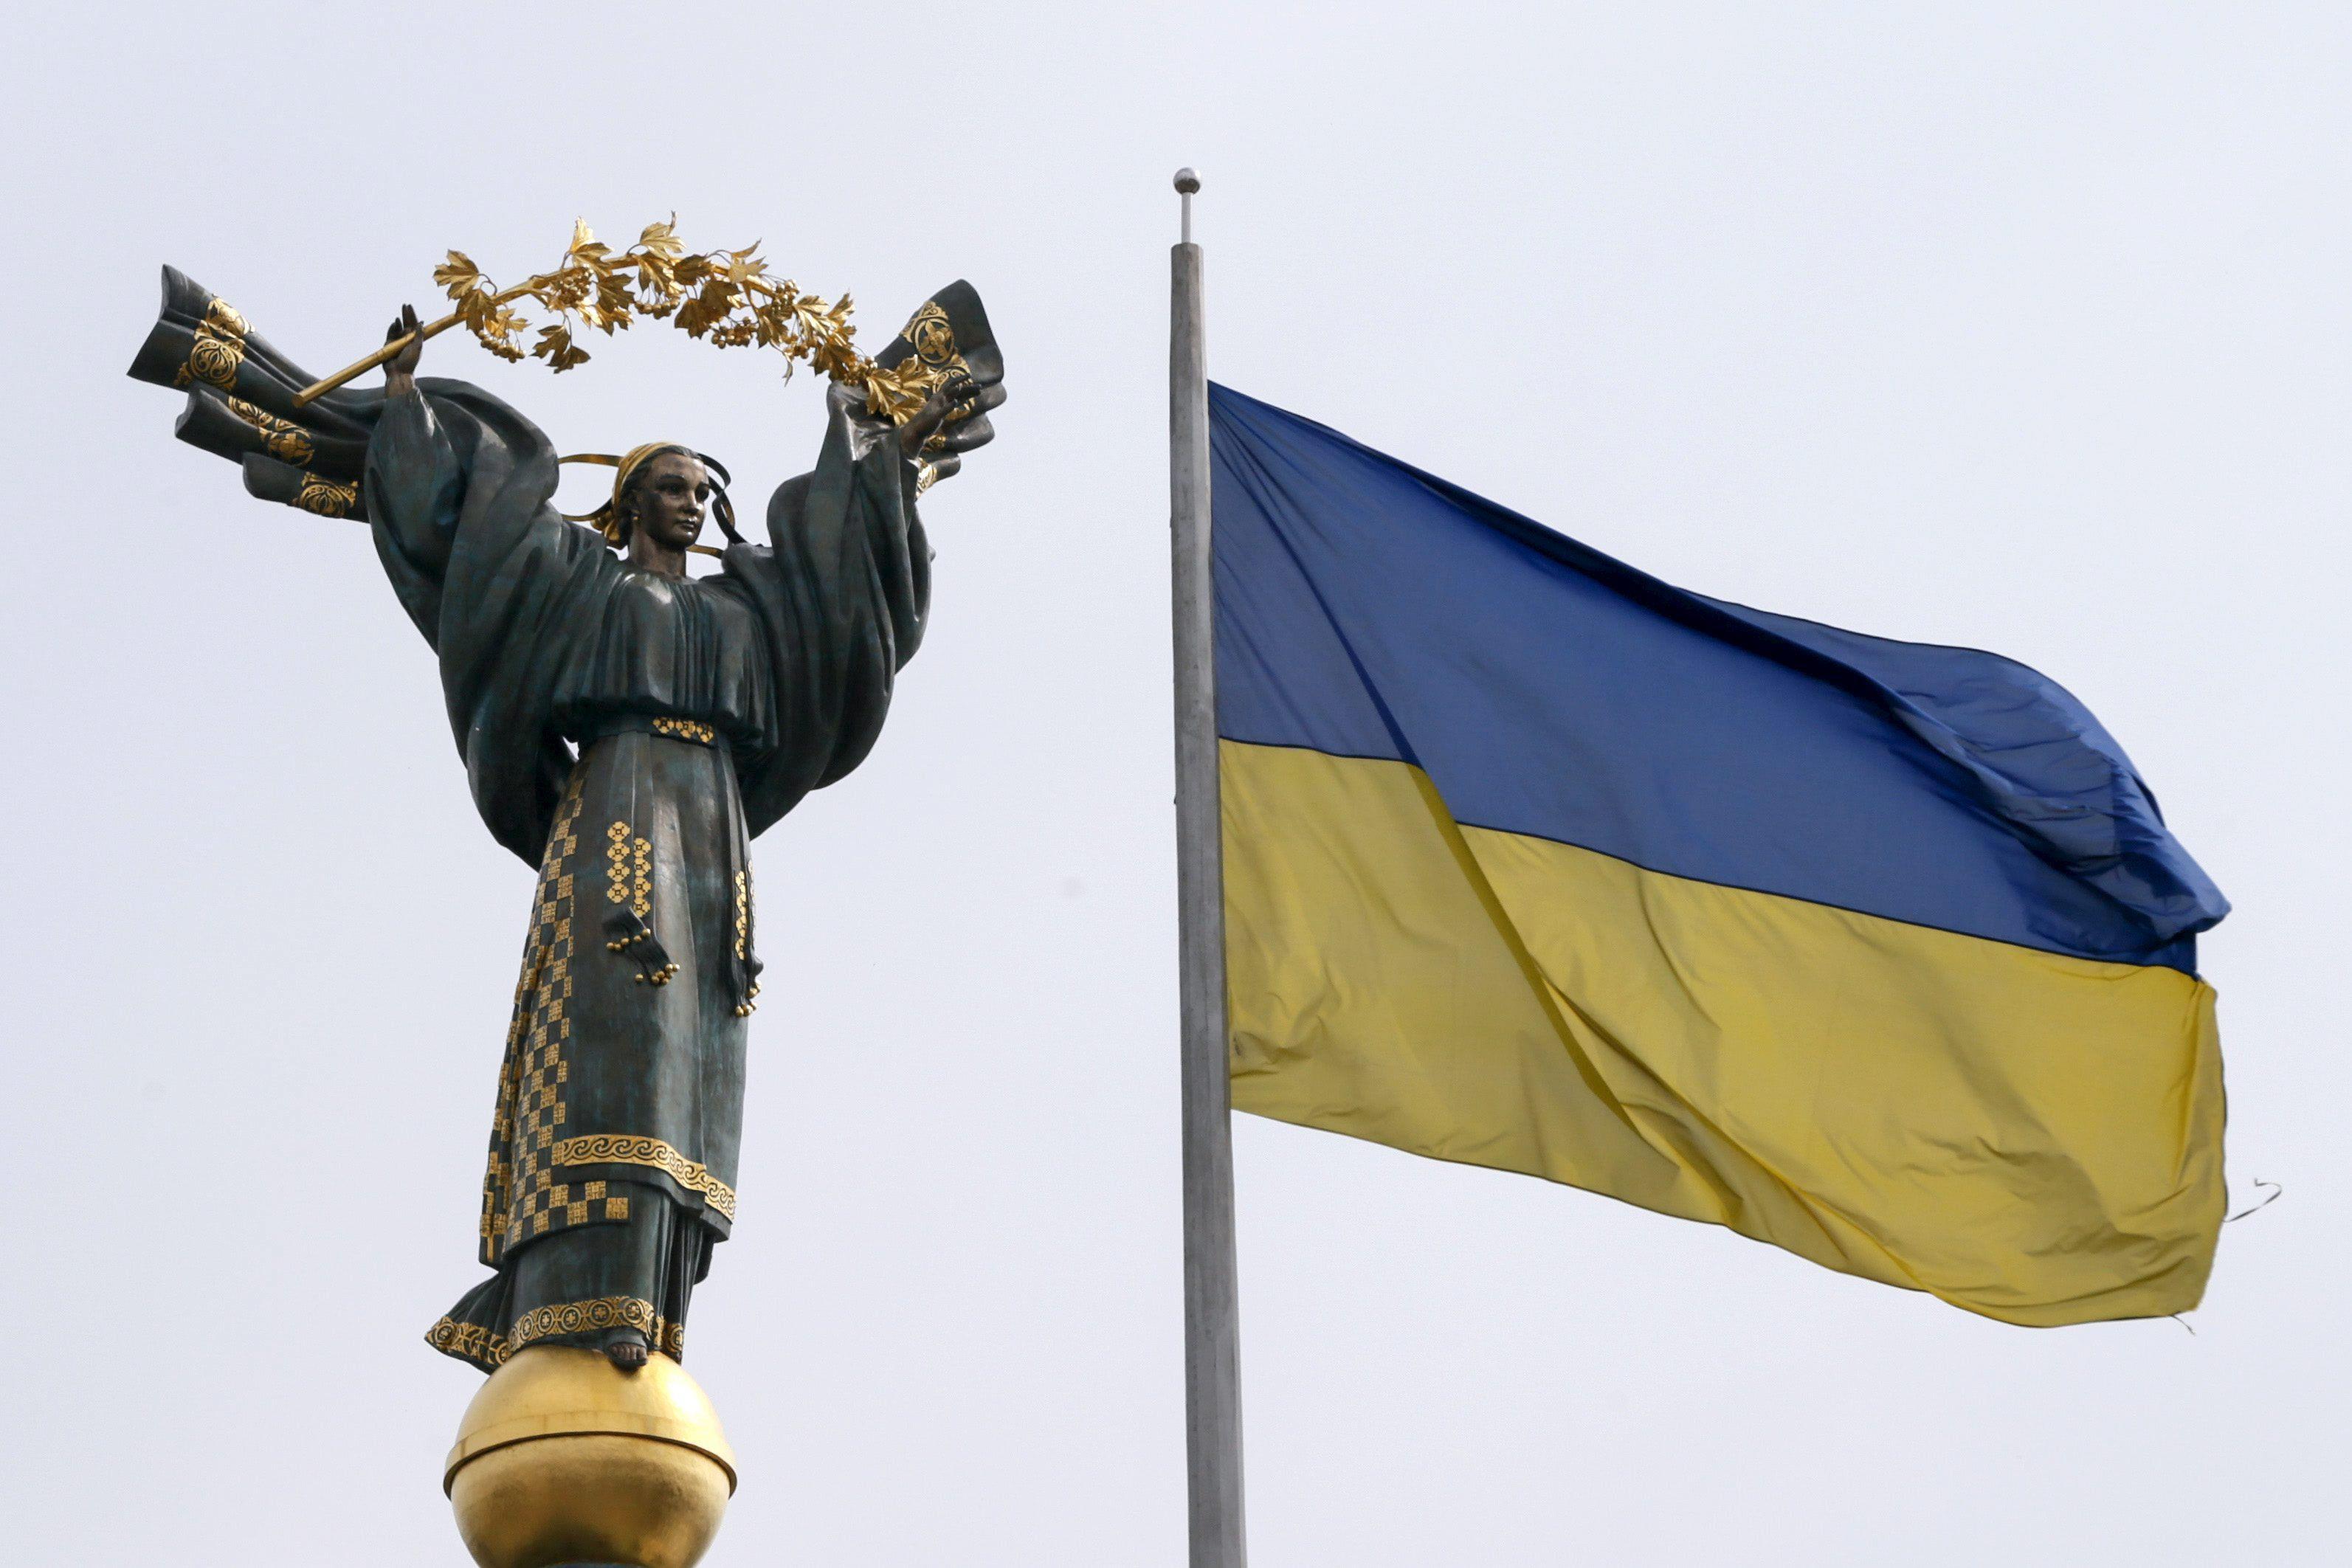 Монумент Независимости Украины, расположенный на Майдане в Киеве, и флаг страны, иллюстрация